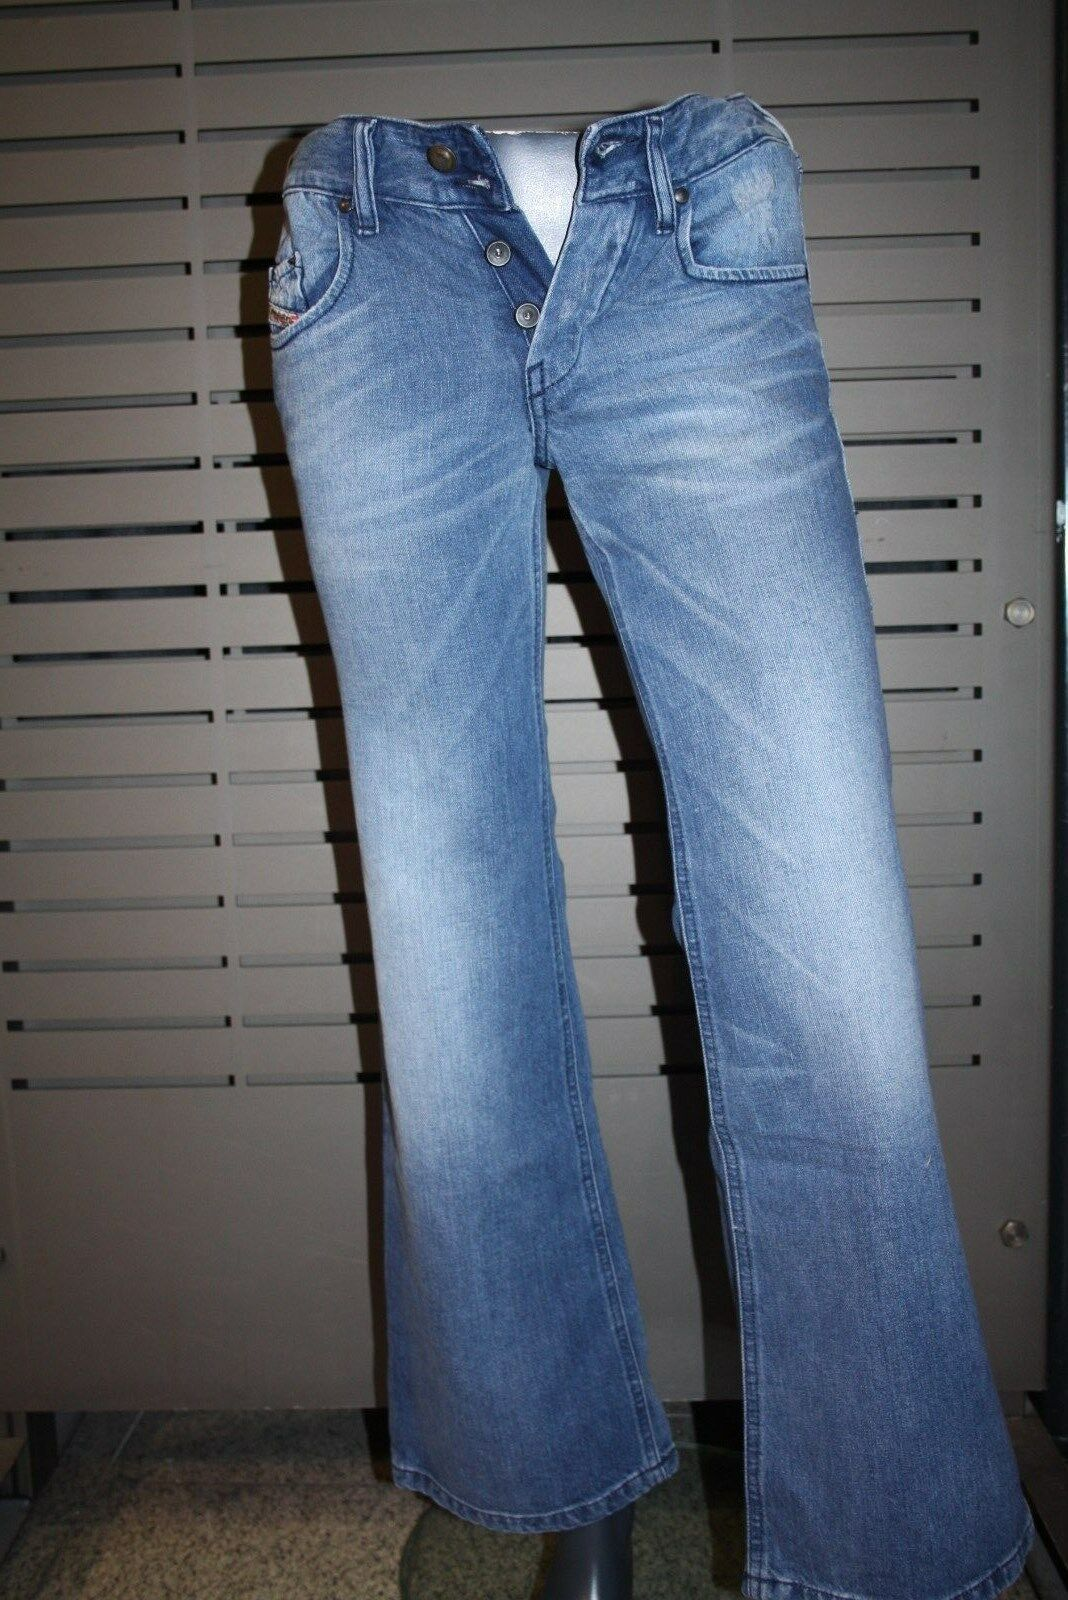 Diesel Damen Jeans  VIXY  stone washed neu ausgestellt 100% Baumwolle Basic  | Neueste Technologie  | Marke  | Qualitativ Hochwertiges Produkt